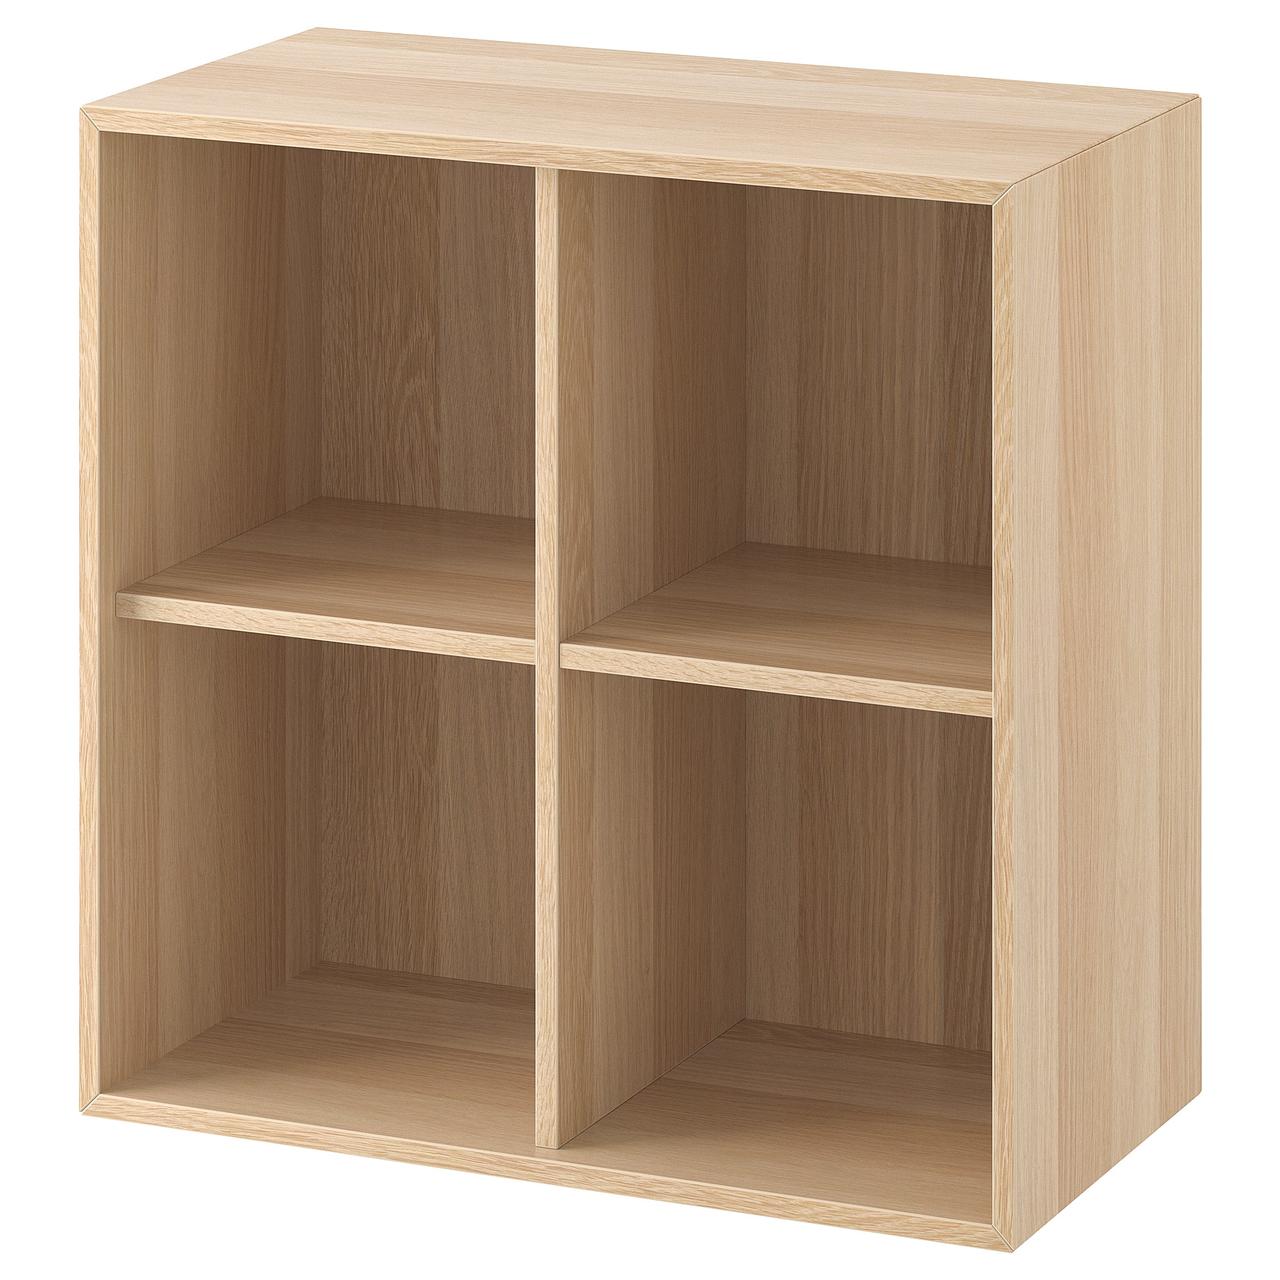 Навесной шкафчик 4-отделения EKET 70x35x70 см